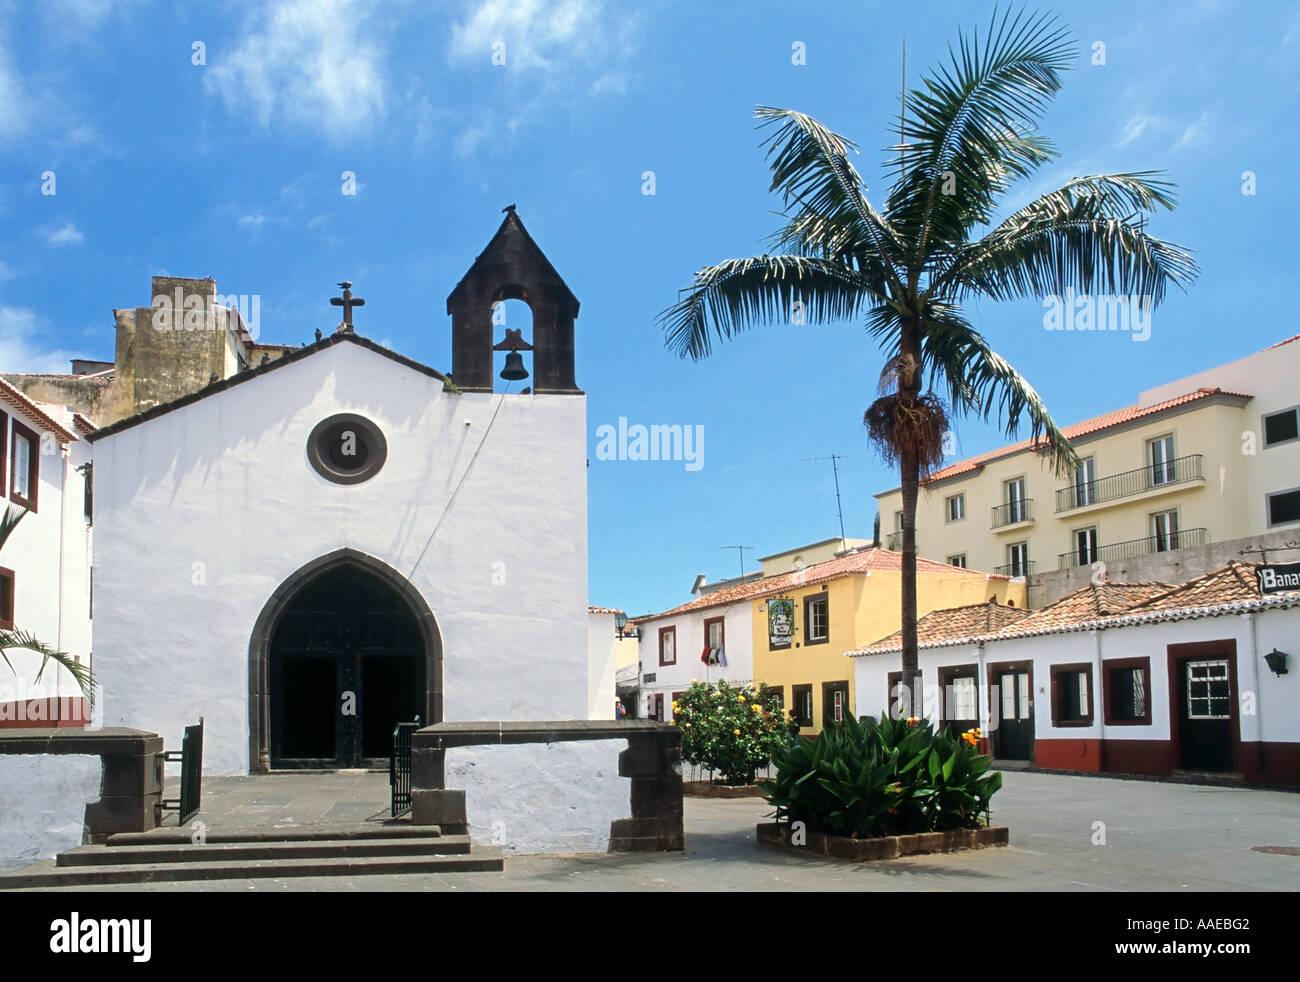 Capela do Corpo Santo chiesa vecchia a Funchal, l'isola di Madeira Portogallo Immagini Stock